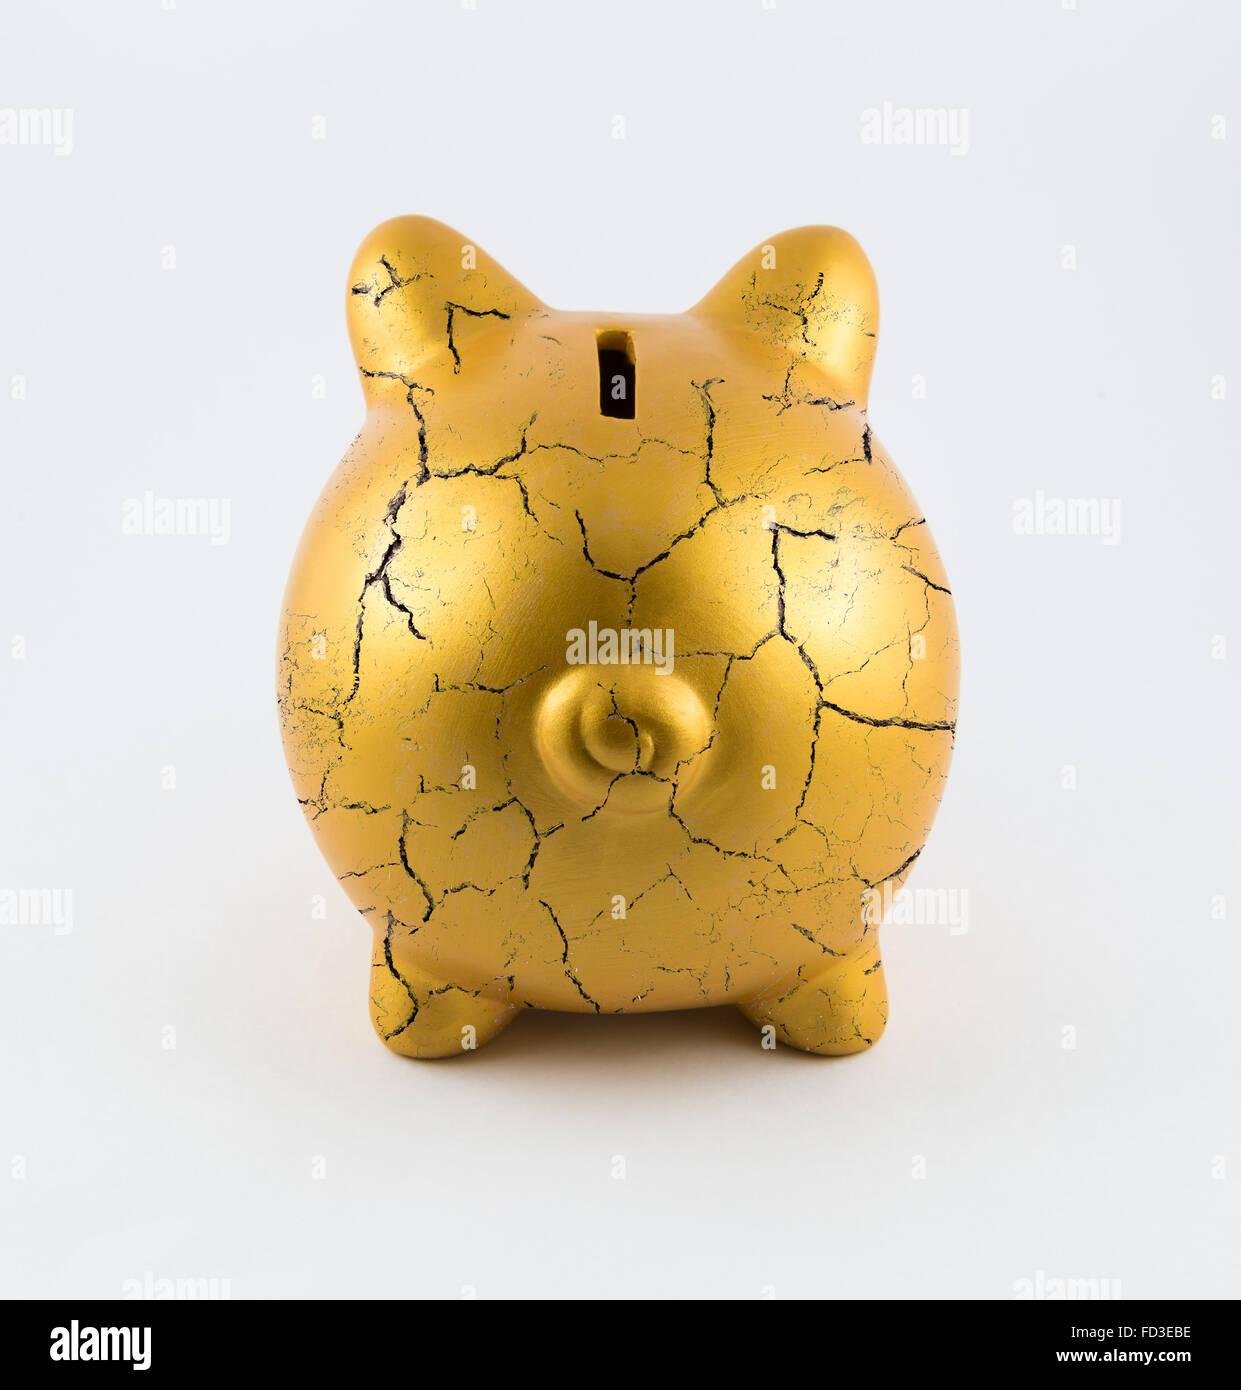 back side of gold piggy bank cracked on isolated white background  - back side of gold piggy bank cracked on isolated white background